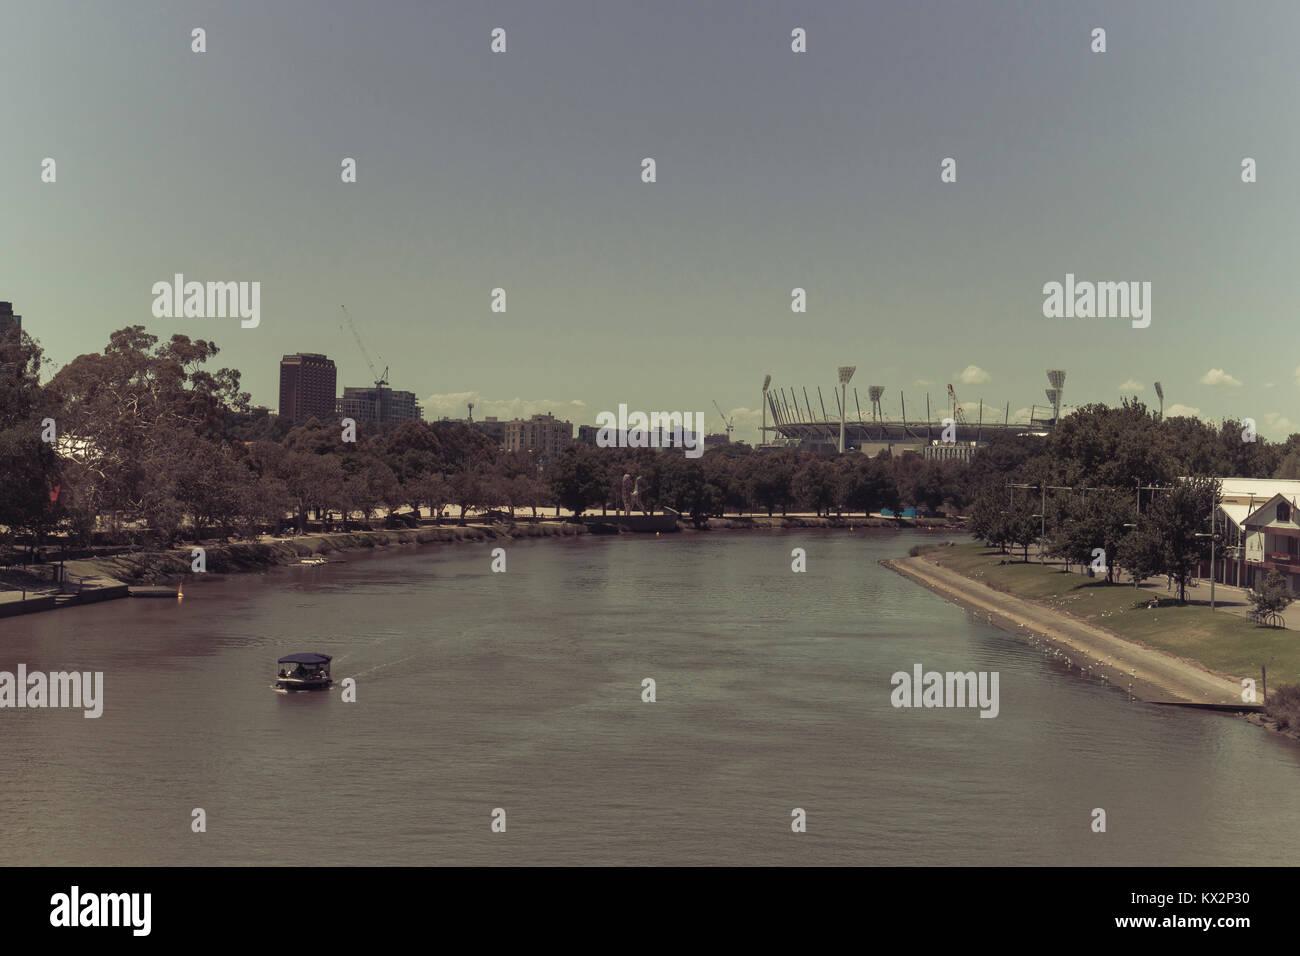 Split tonica immagine del fiume Yarra con il Melbourne Cricket Ground (MCG) nella distanza, Melbourne, Victoria, Immagini Stock